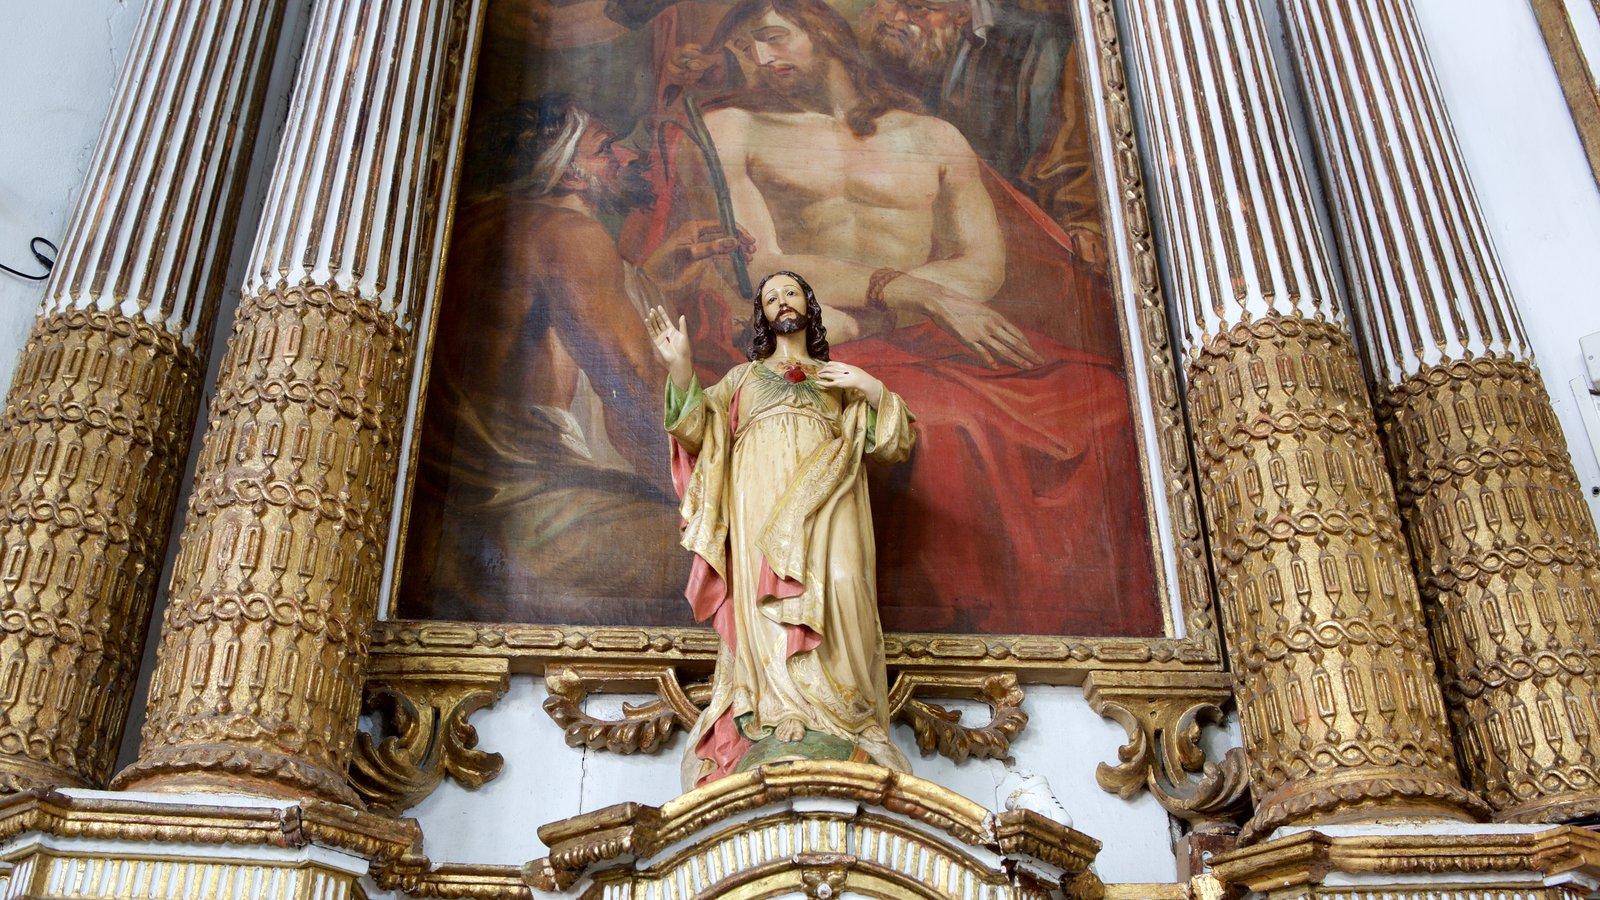 Igreja do Nosso Senhor do Bonfim que inclui uma estátua ou escultura, arte e vistas internas